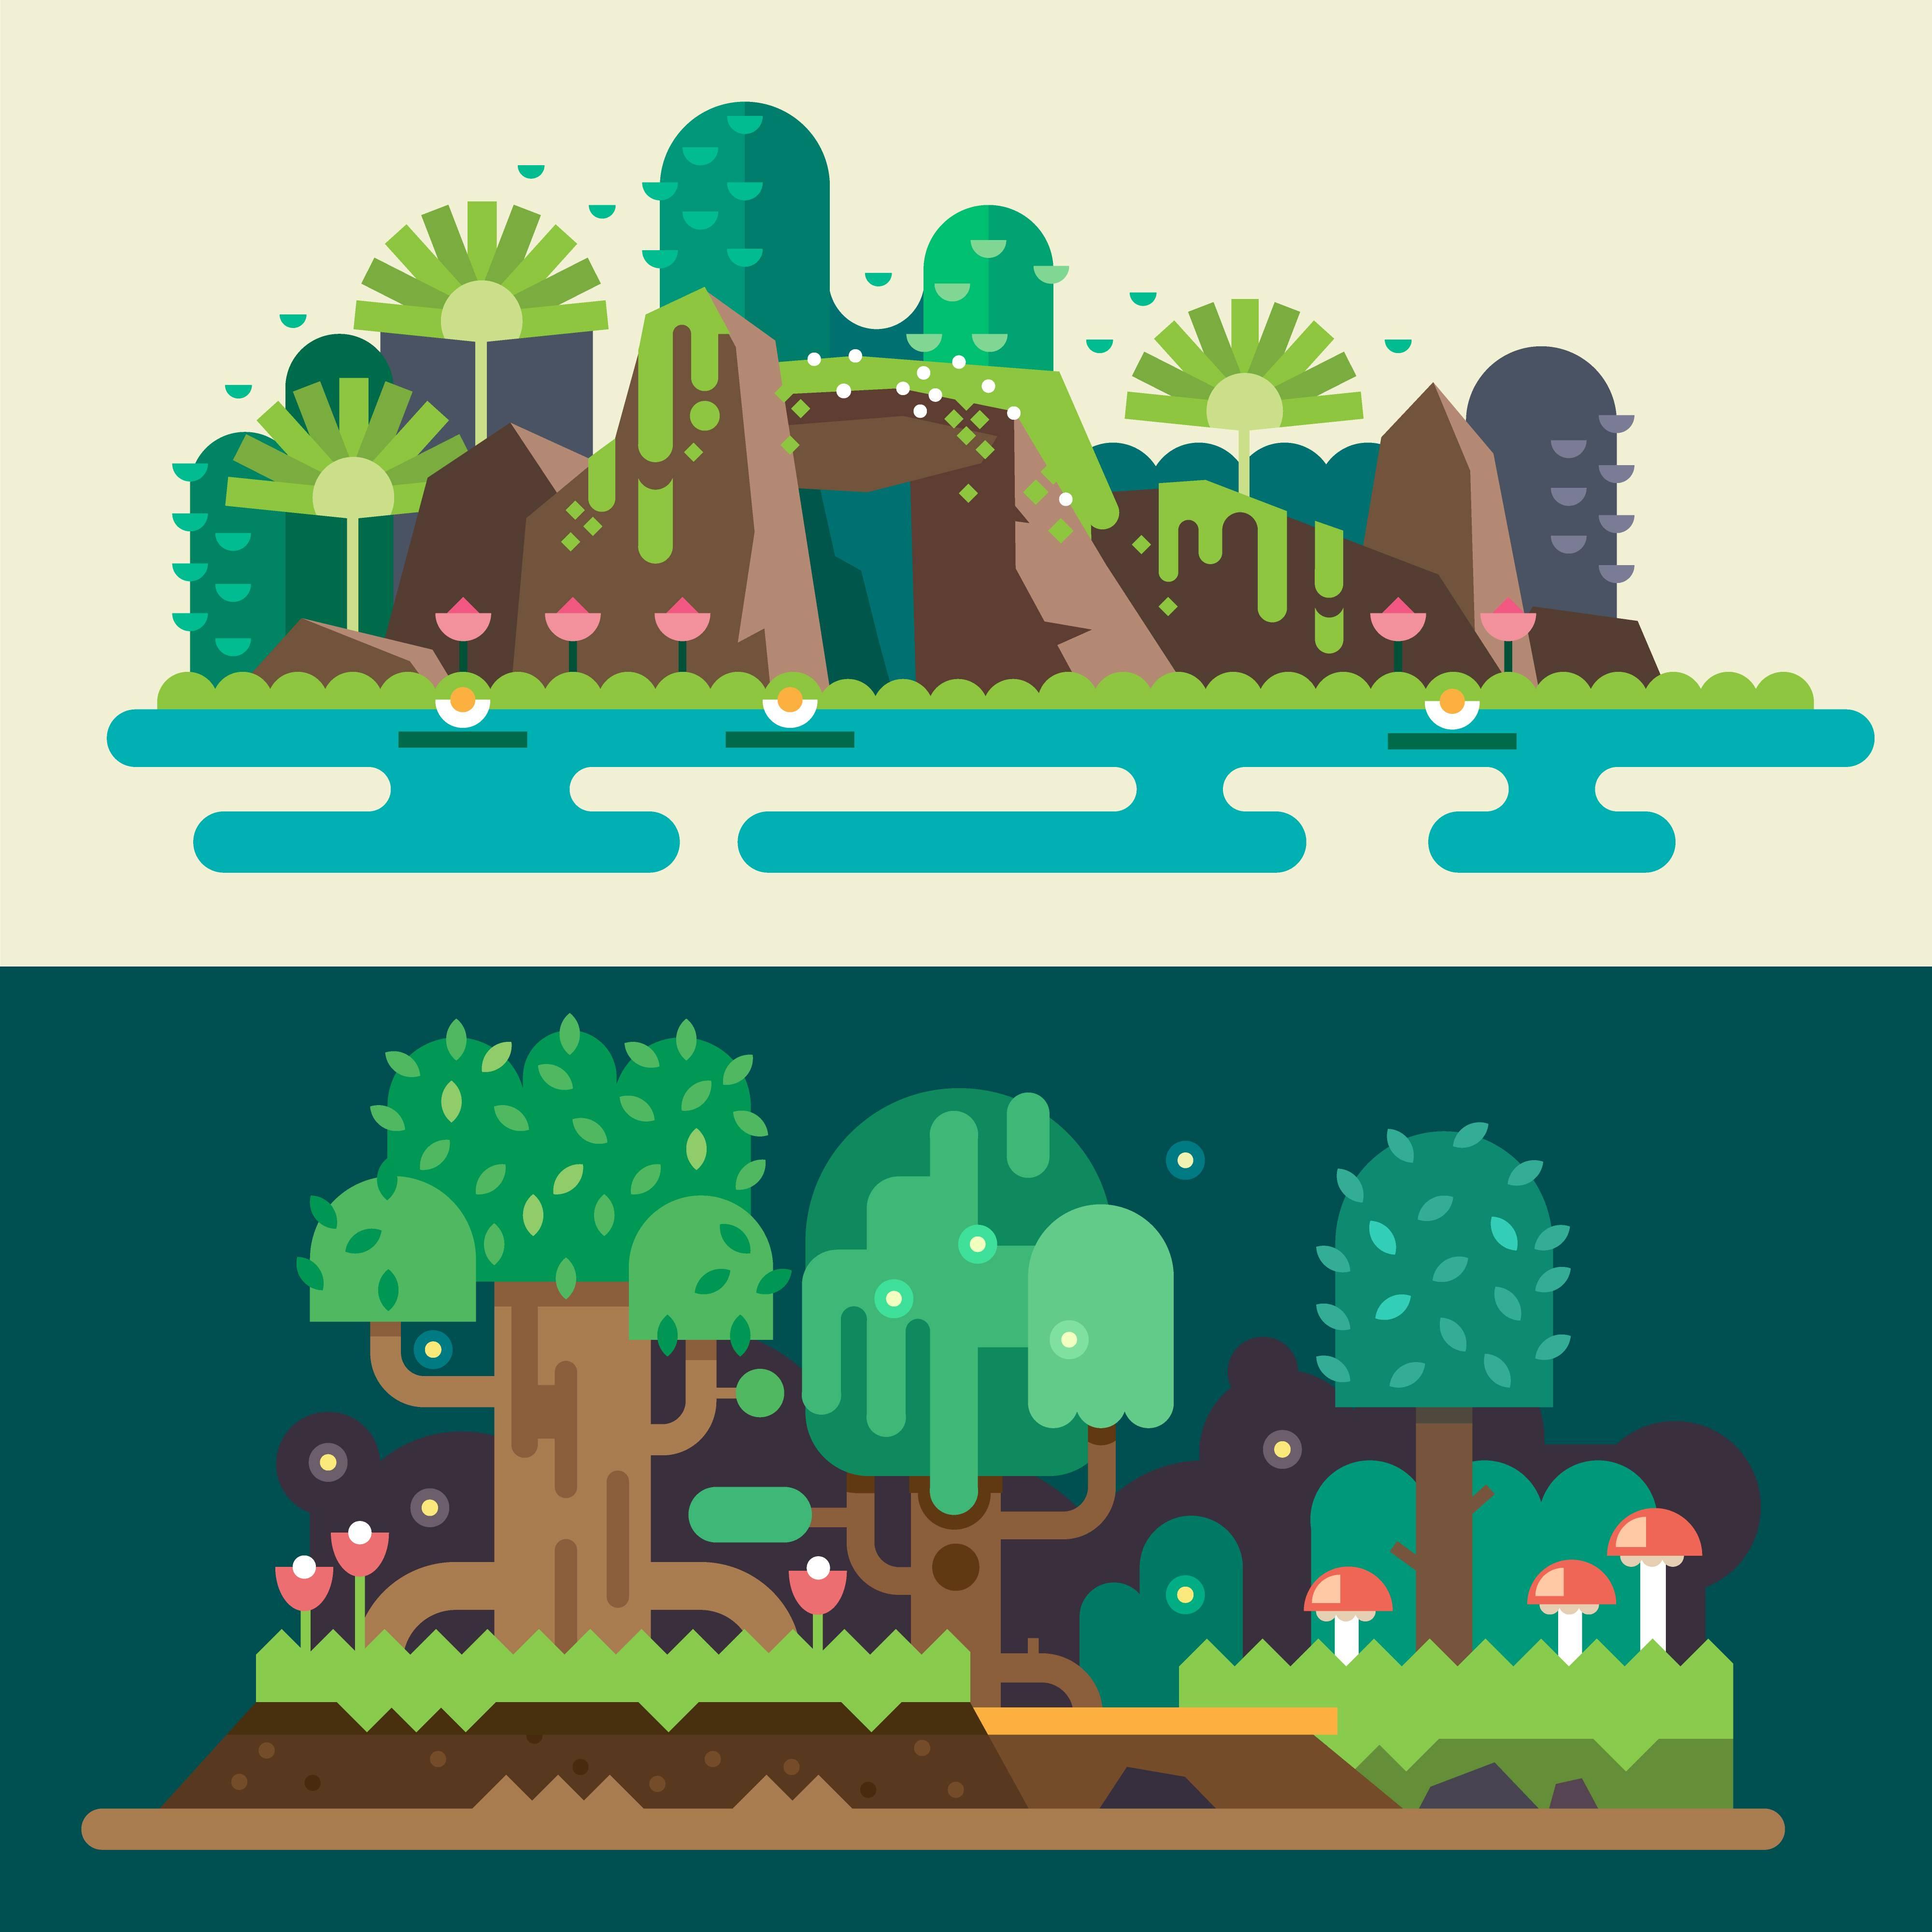 扁平化风景场景设计